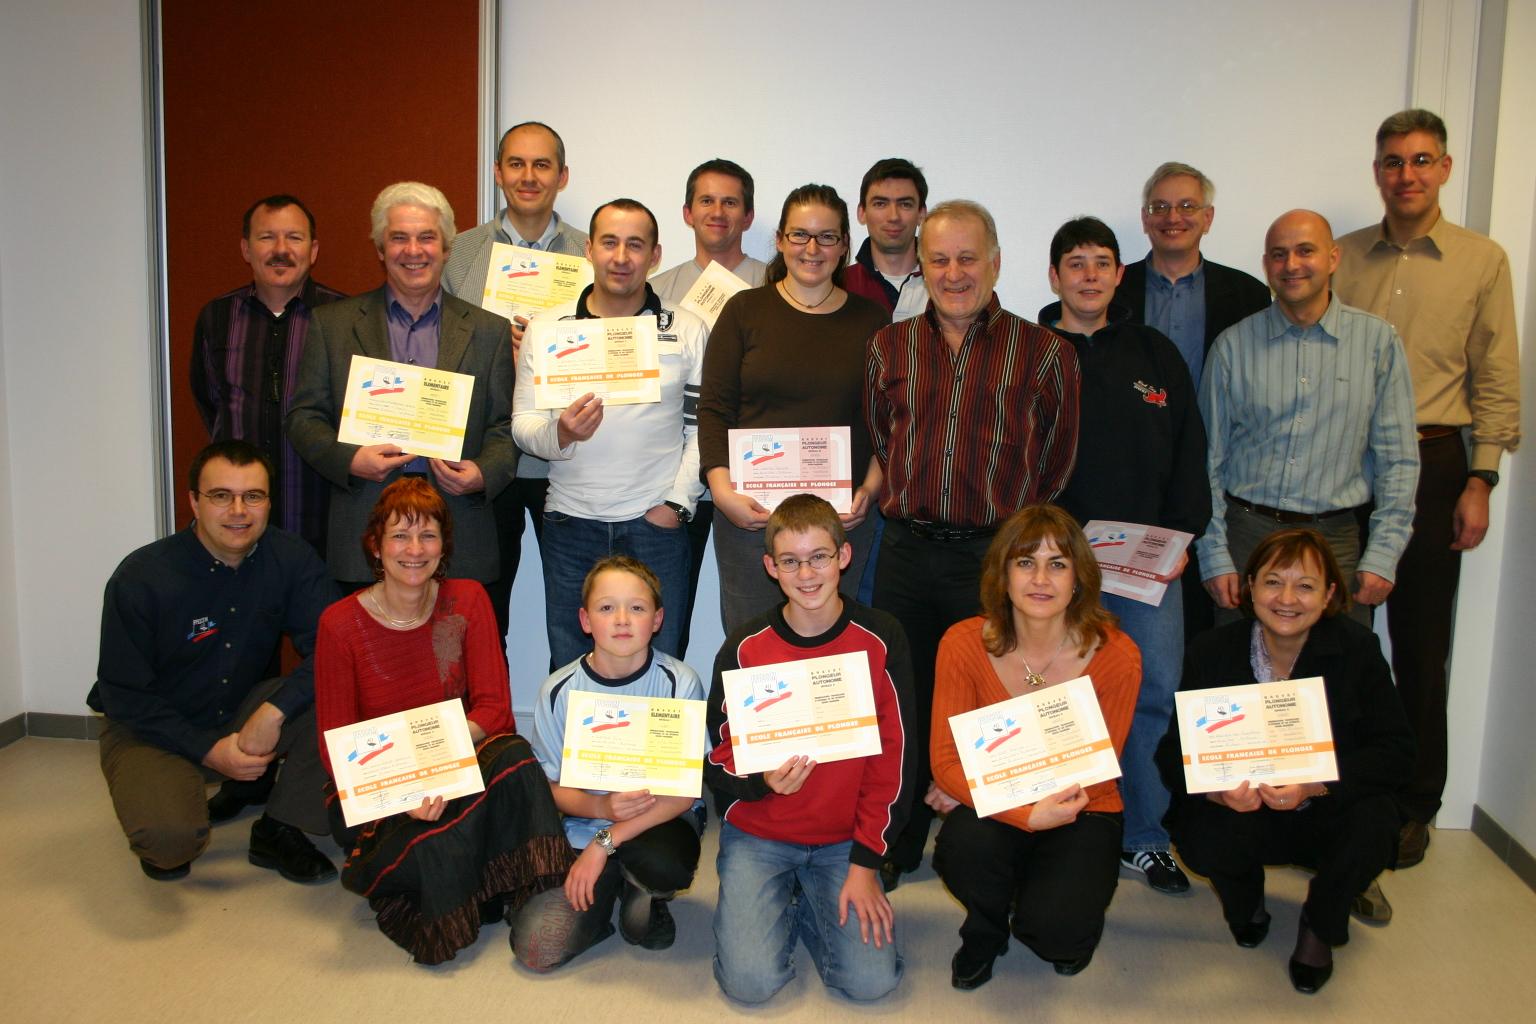 200612_CPS_Diplomes 2006_001